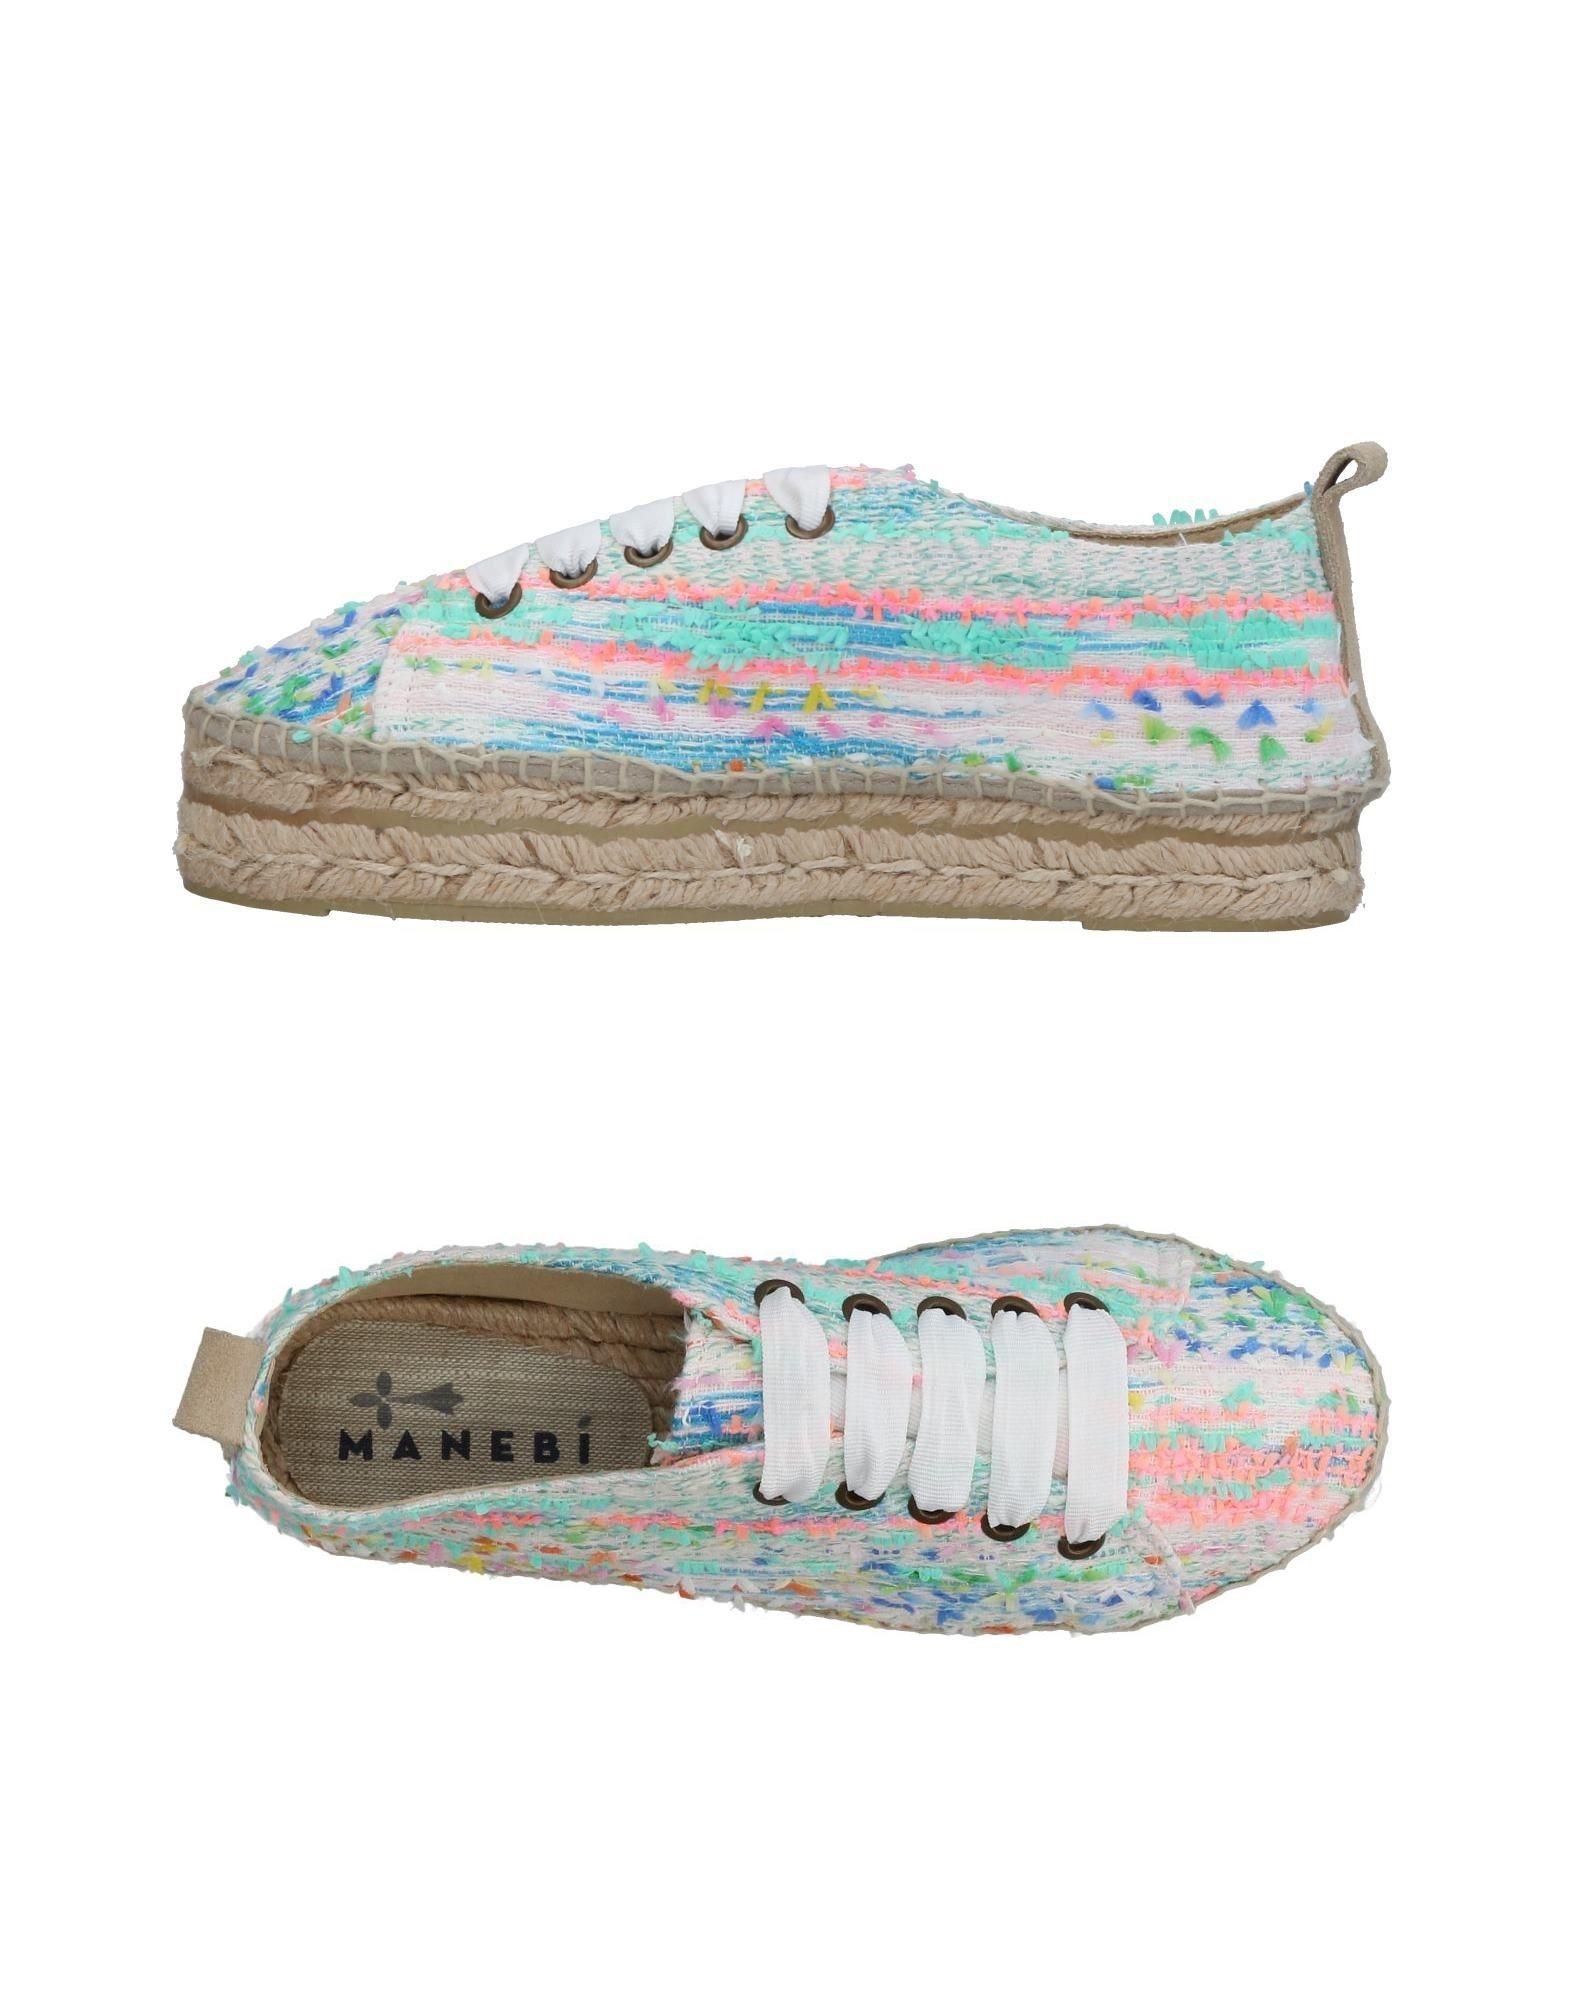 Scarpe economiche e resistenti Sneakers Manebí Donna - 11433853WU